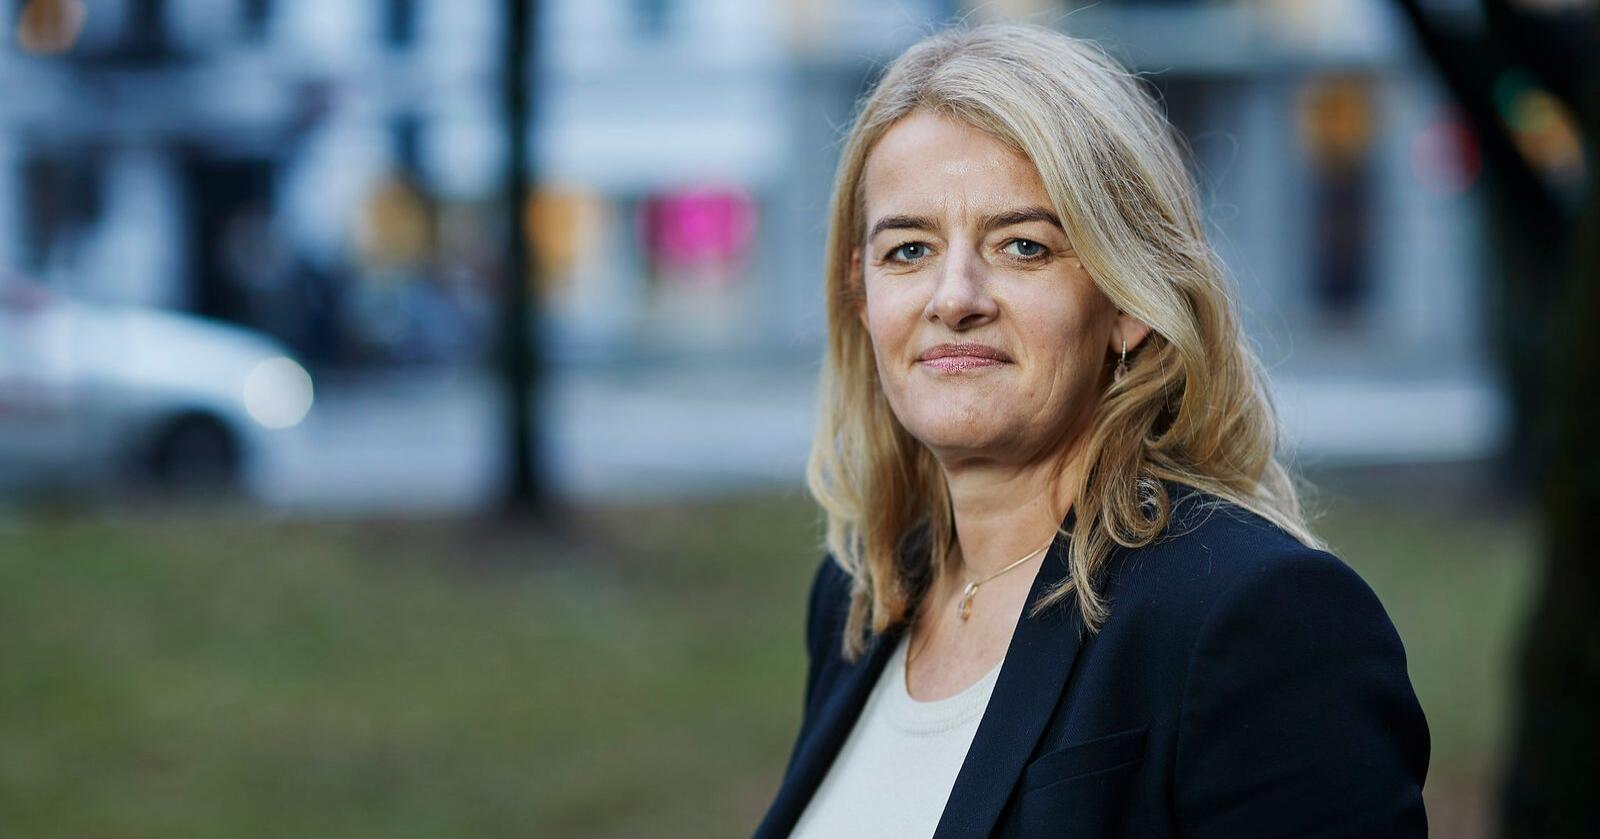 Vi ønsker å gjenreise tillit og forbedre vår forvaltningskvalitet, og har derfor sett på en rekke gamle saker fra Rogaland, skriver Ingunn Midttun Godal, adm. dir. i Mattilsynet. (Foto: www.gudim.no)